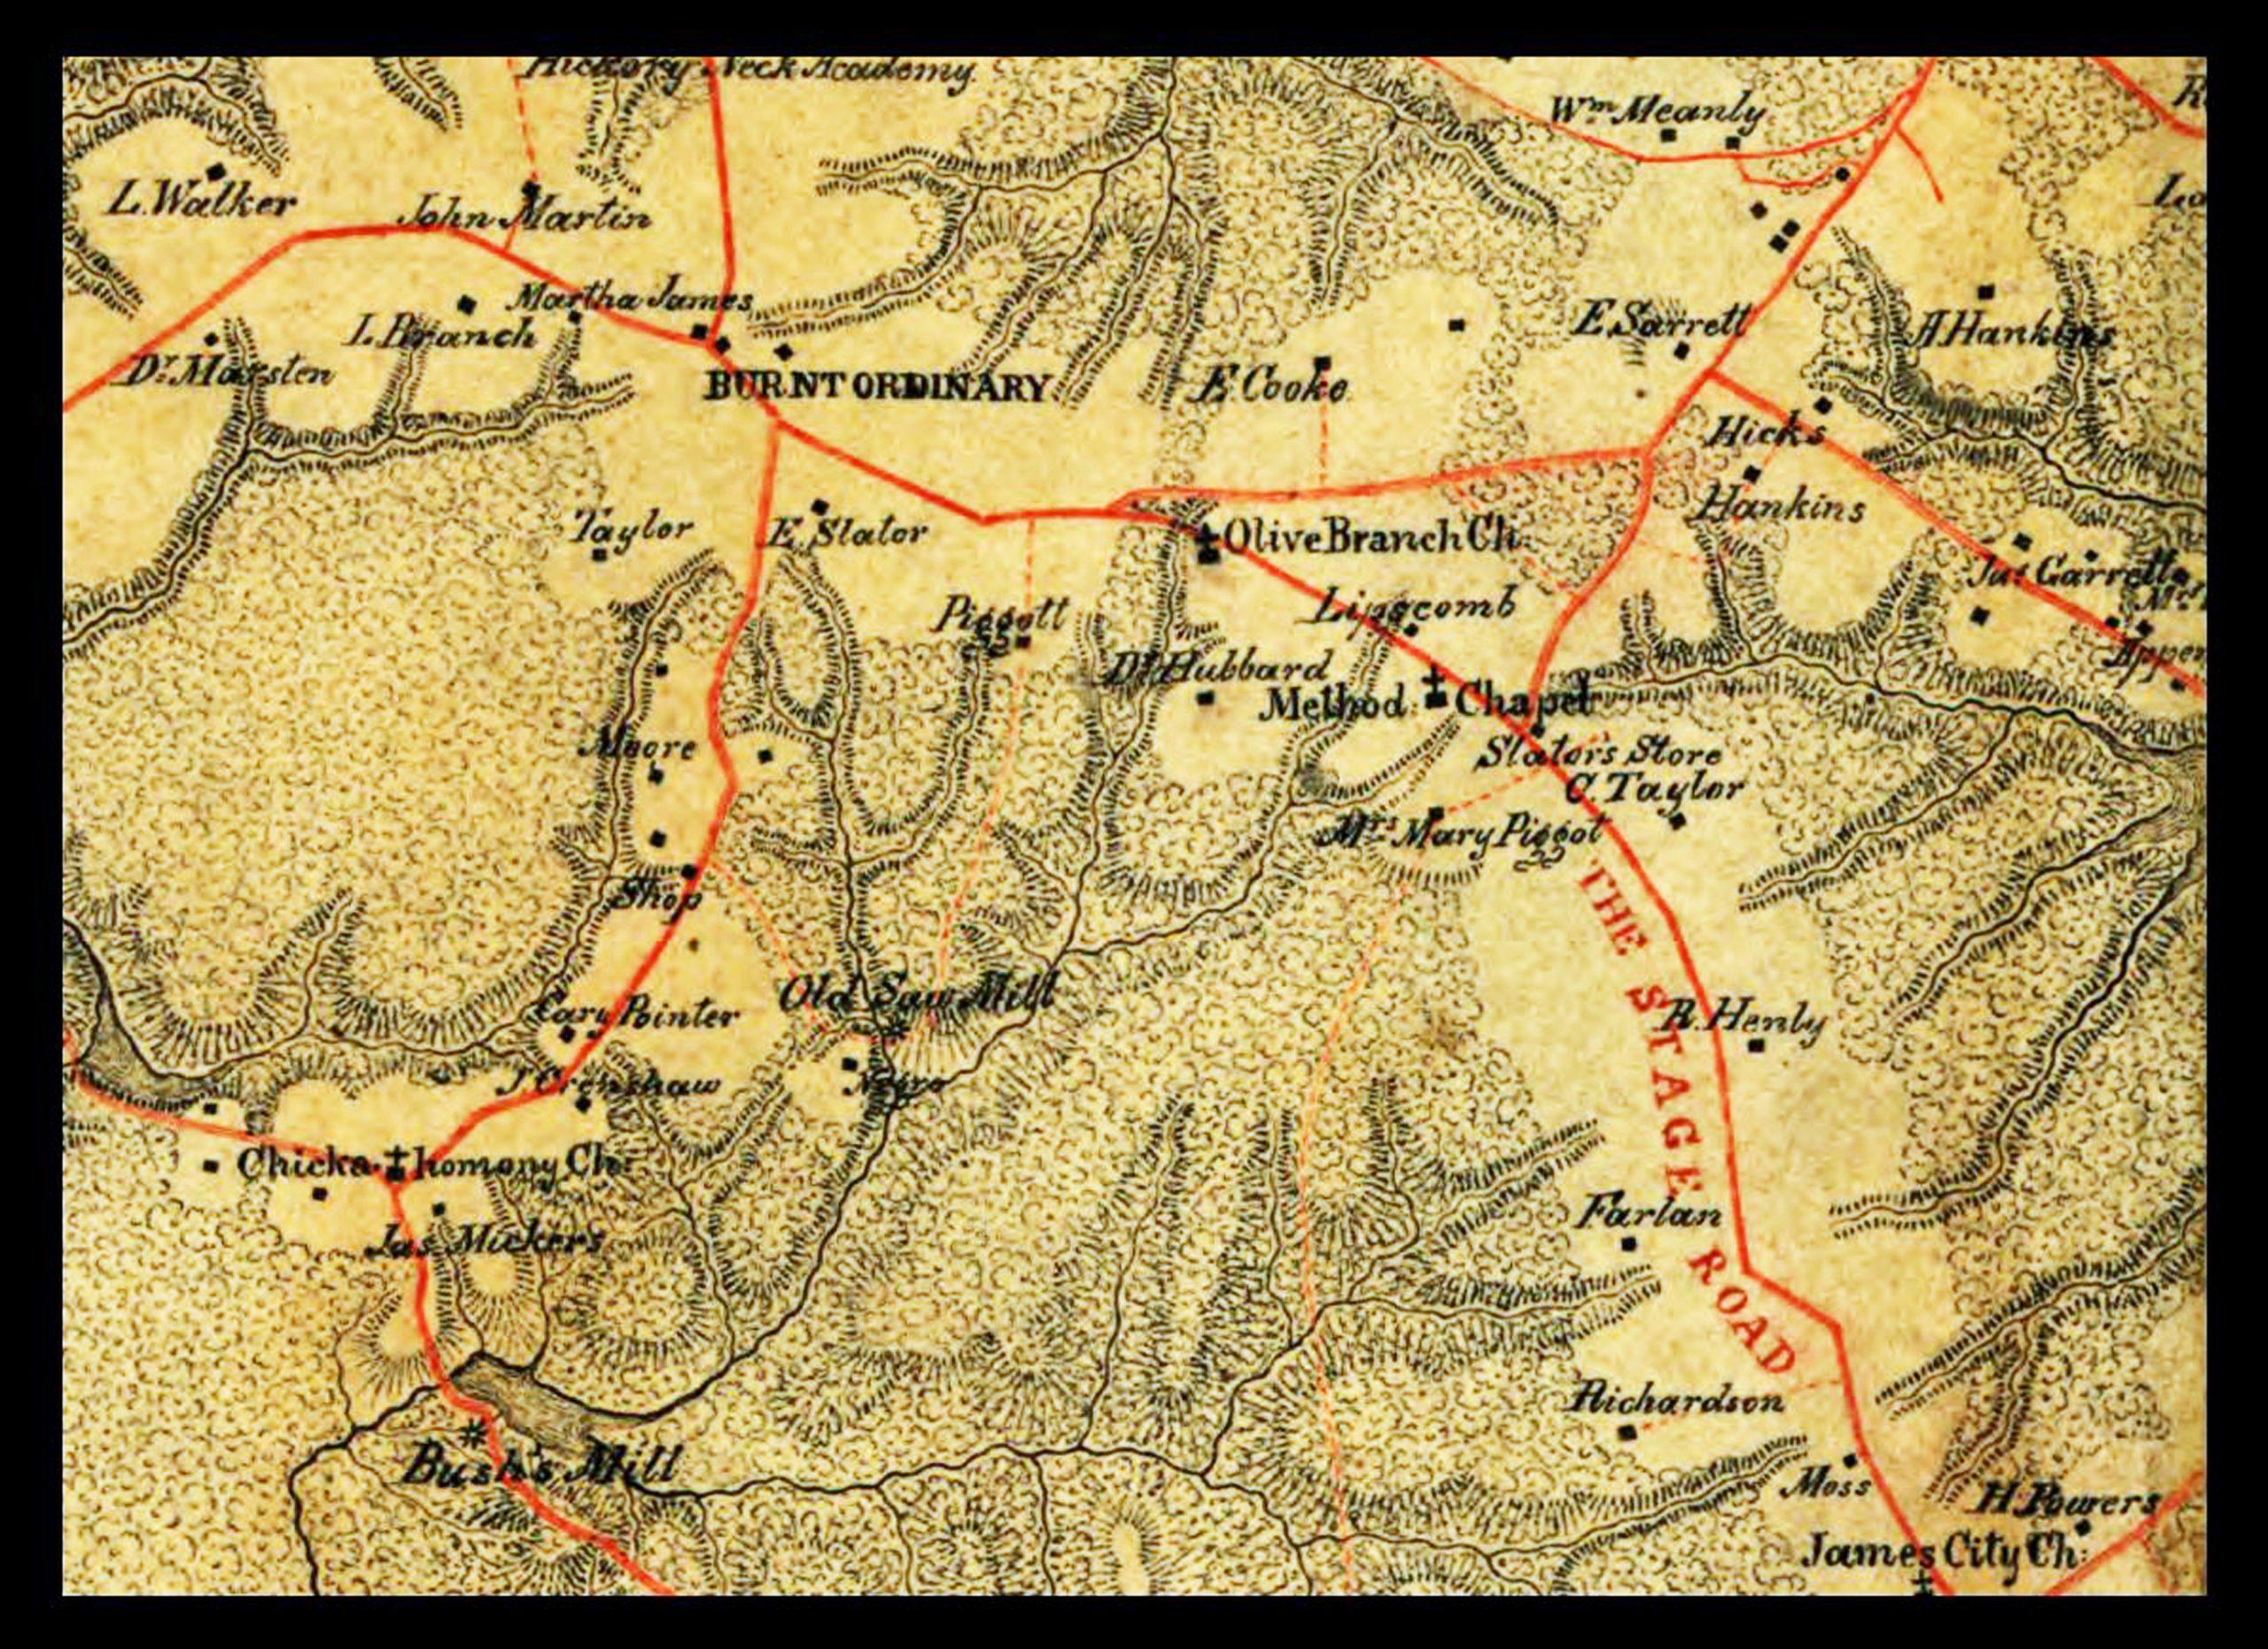 Map of Burnt Ordina